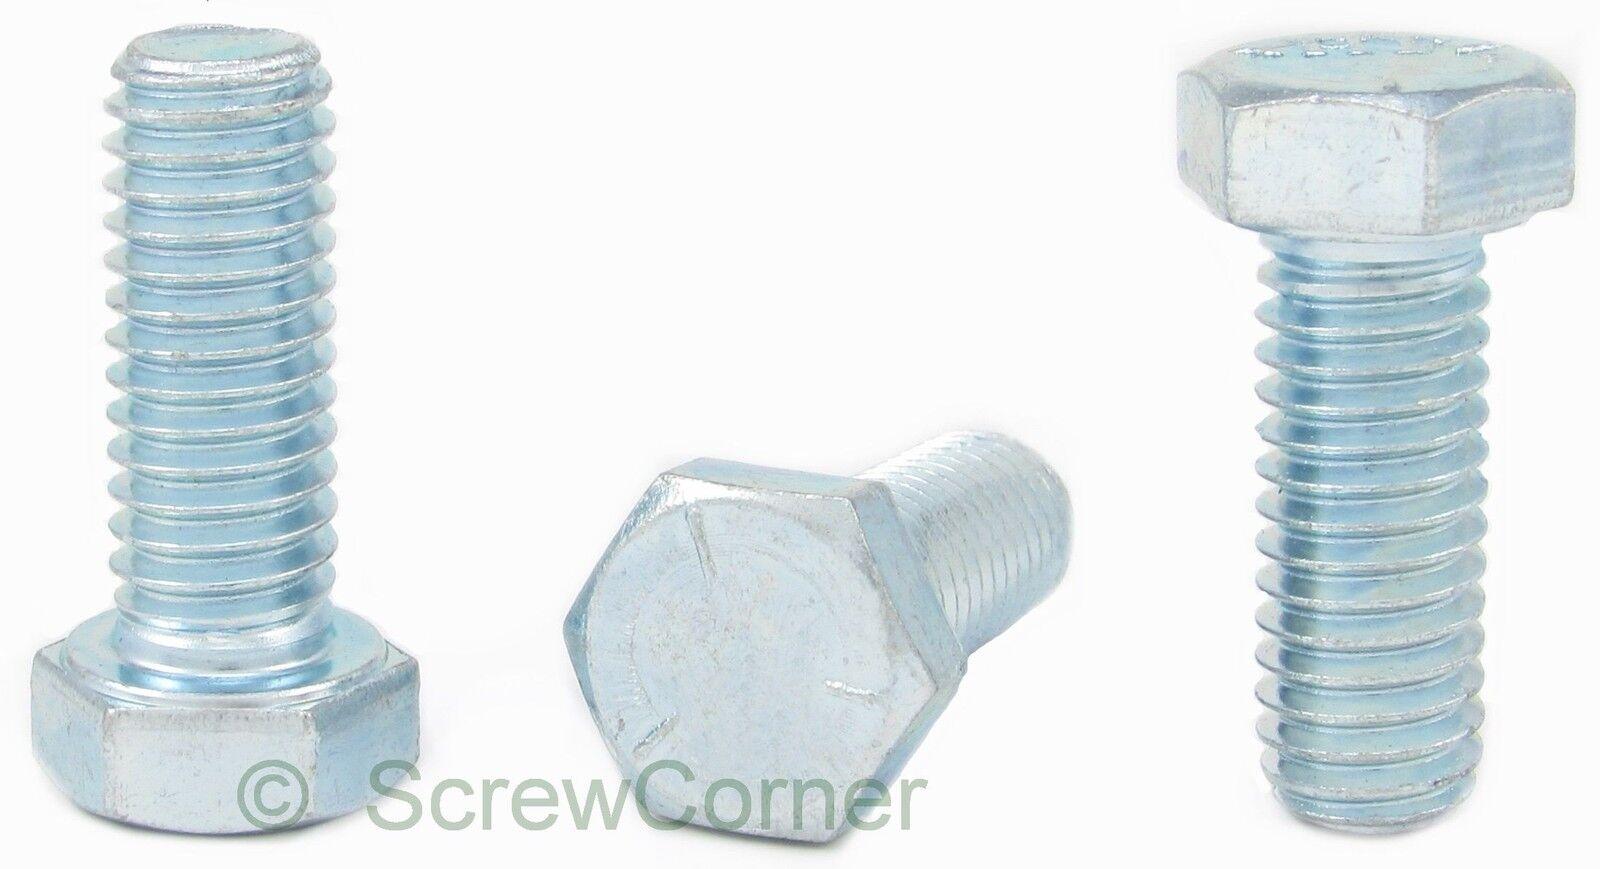 Sechskantschraube 1/2-20 UNF x 3/4 Grd.5 verzinkt 8.8 - Hex Head Tab Bolt